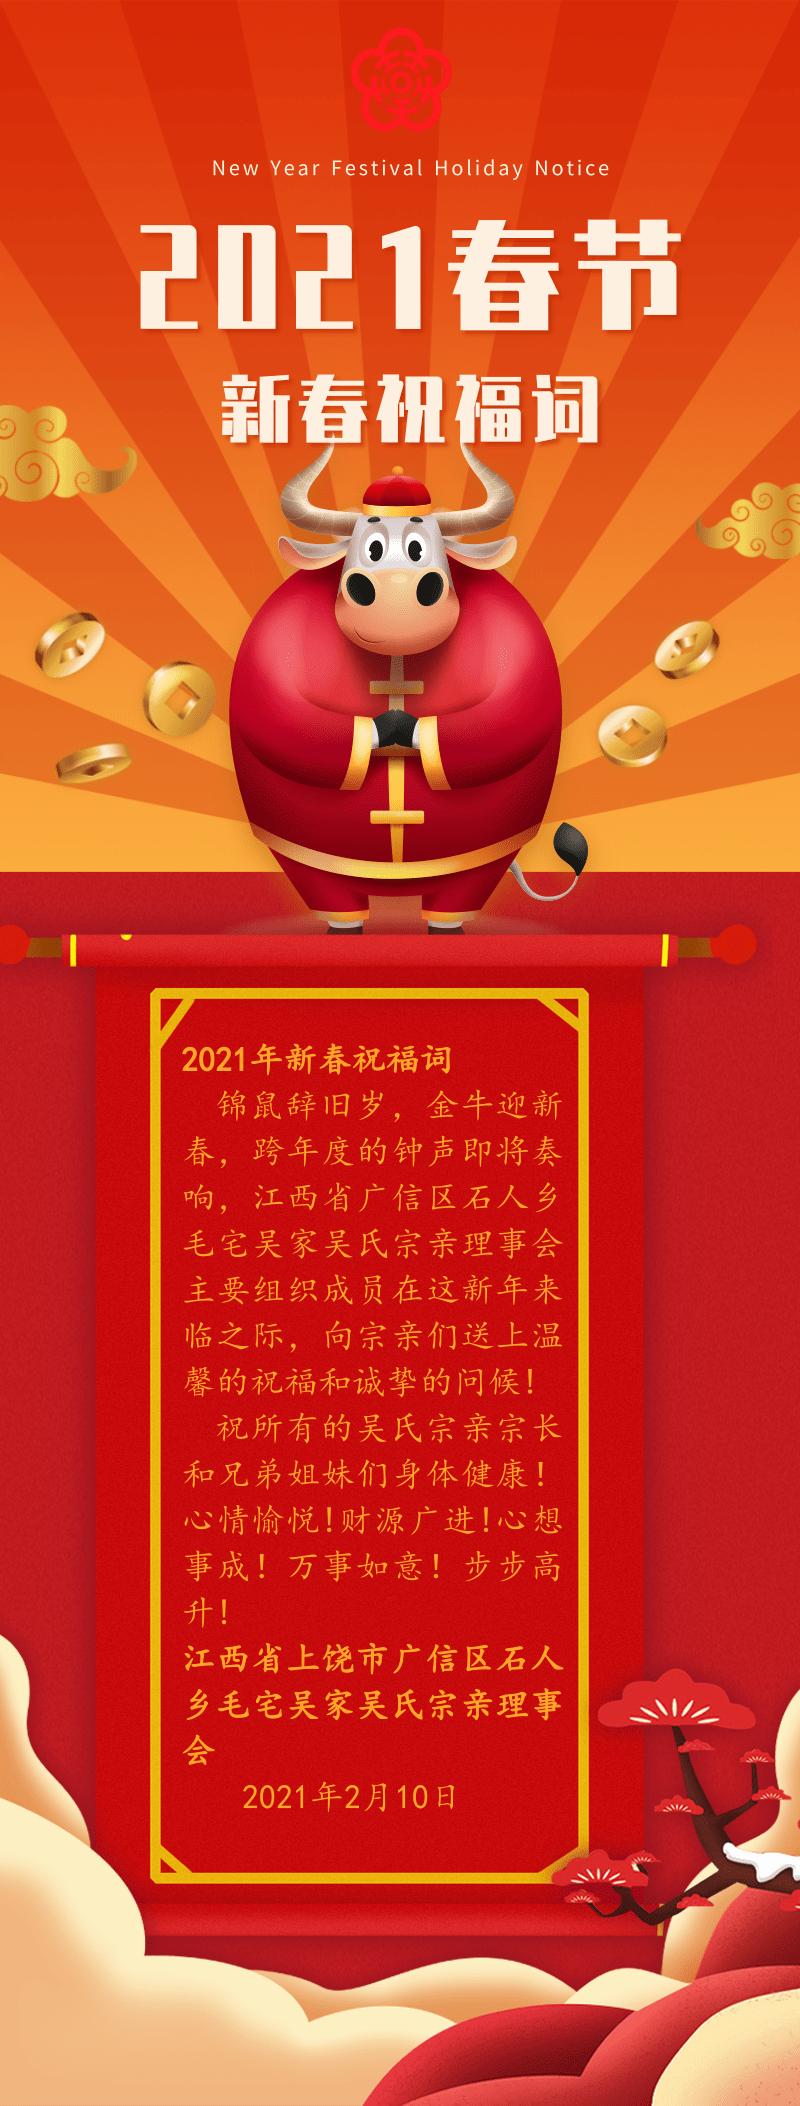 简约牛年放假通知长图海报@凡科快图 (1).png